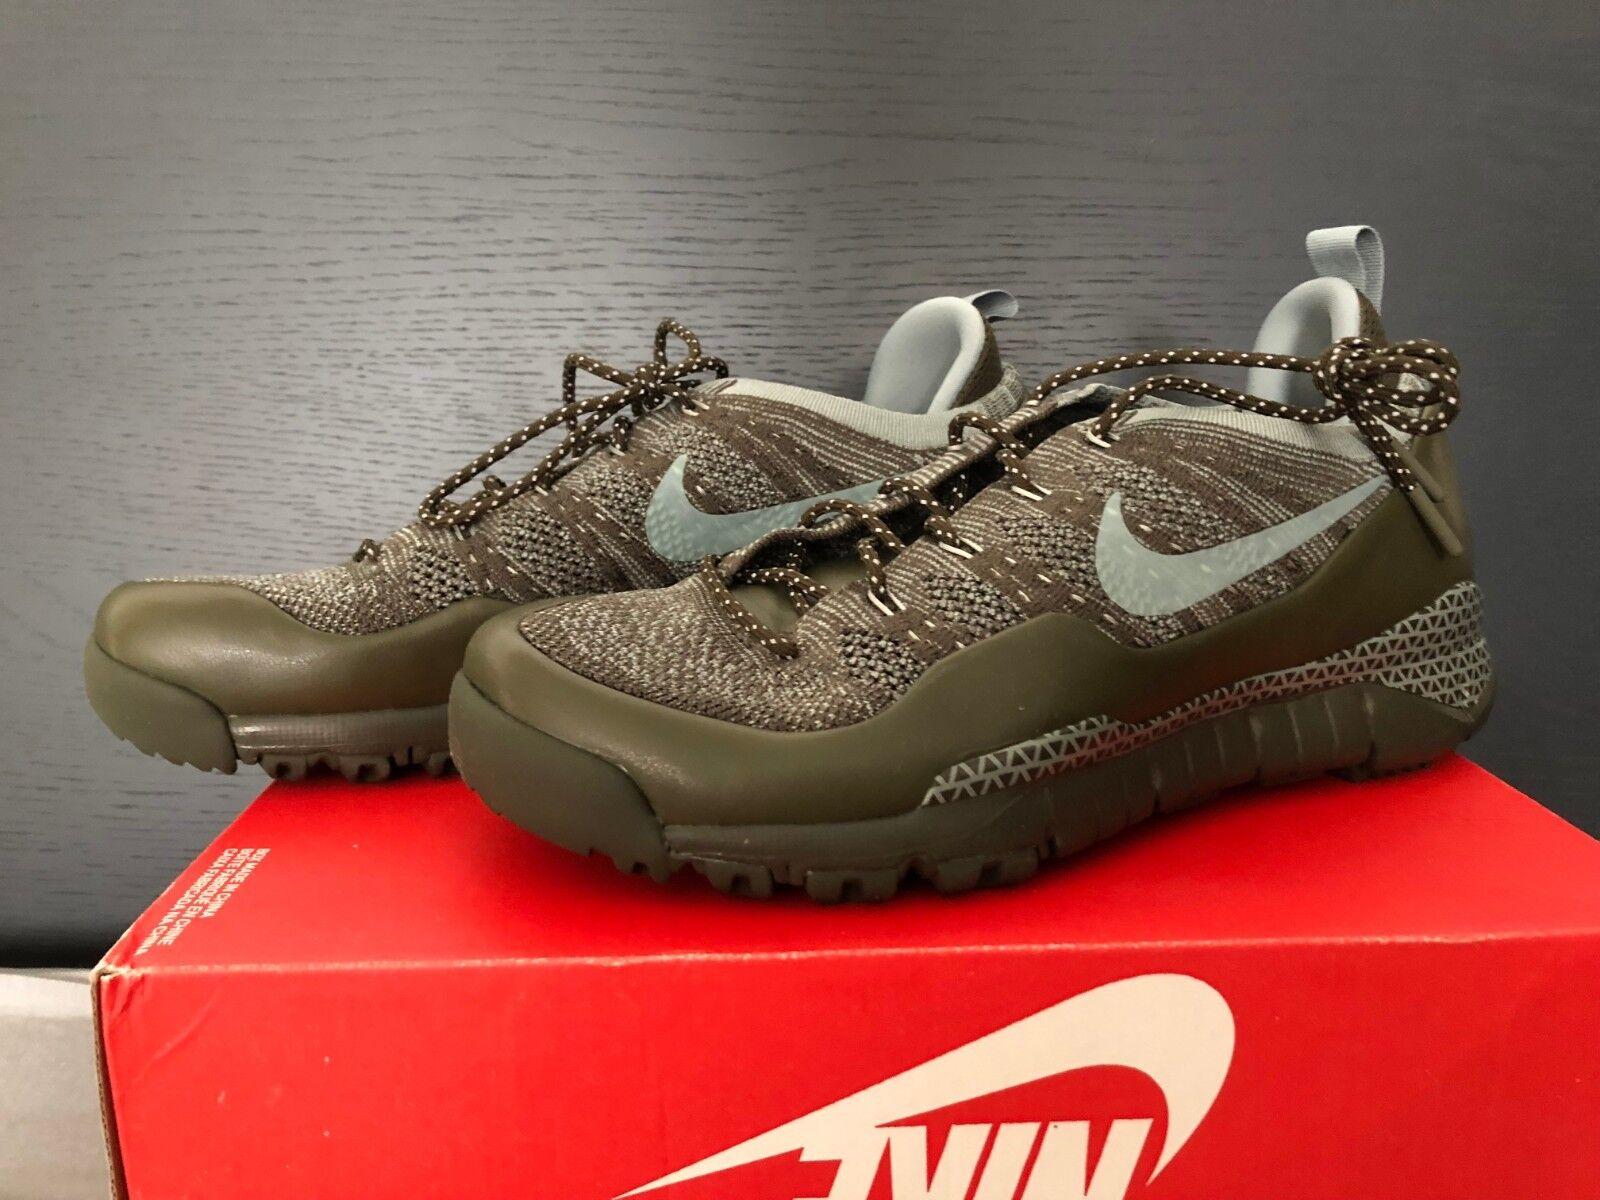 Nike lupinek flyknit low-verde-caqui - 882685-300 - UE 44 us 10-nuevo